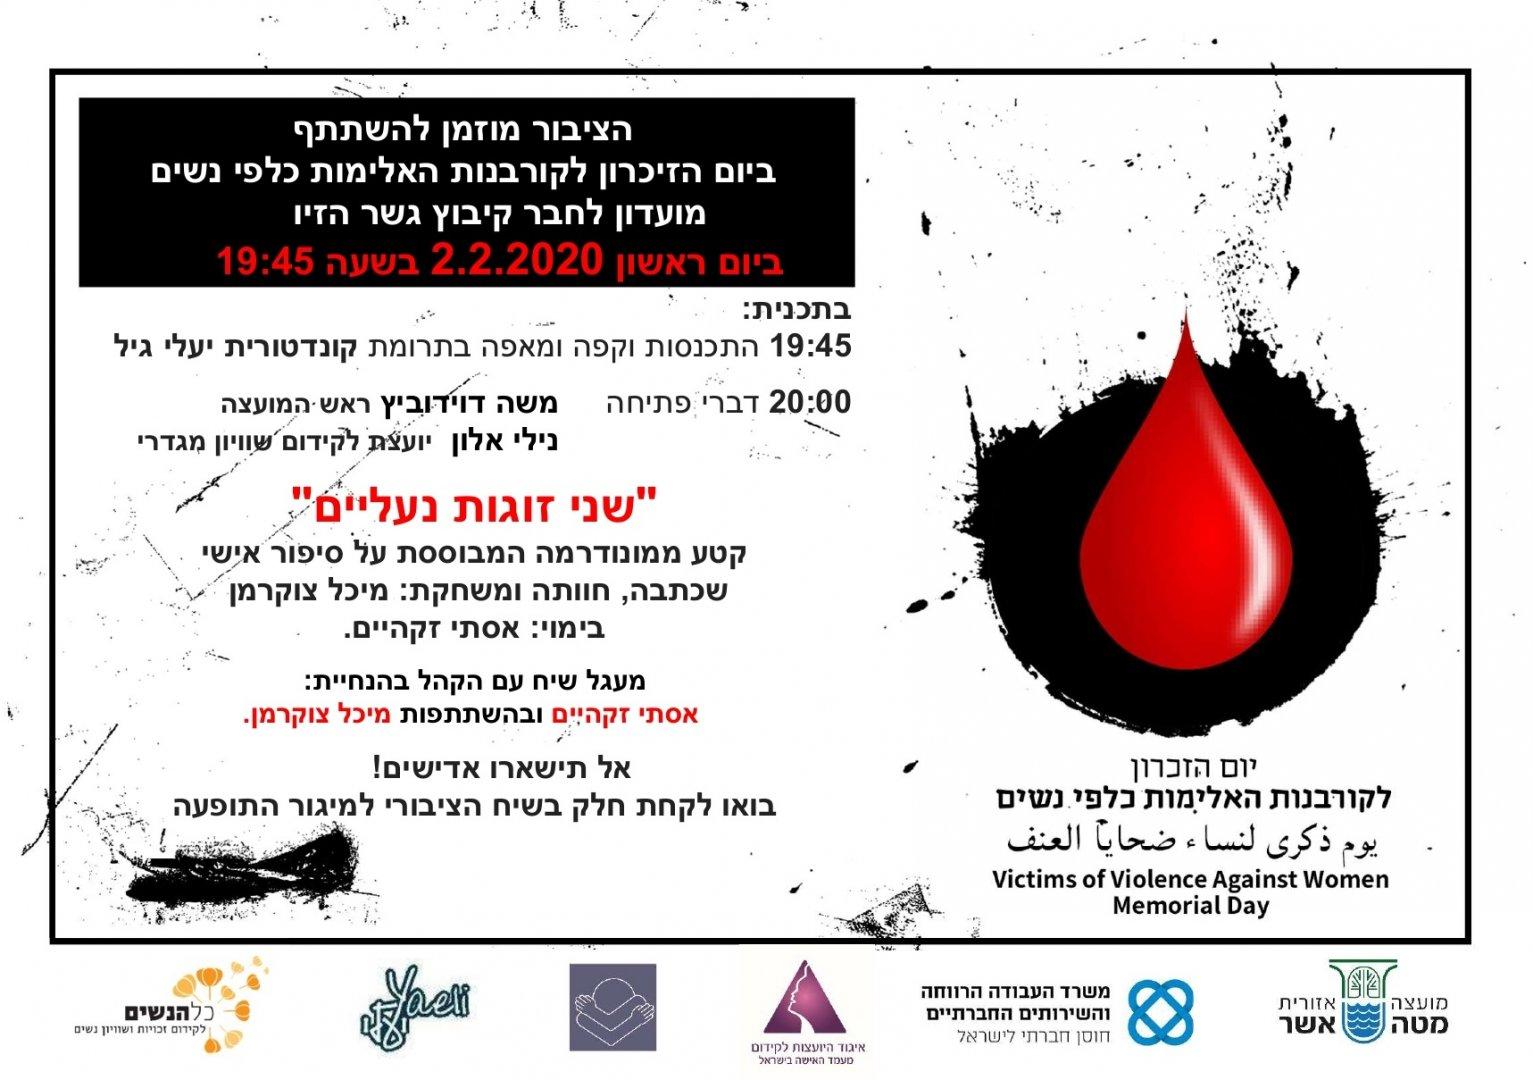 ערב זיכרון לנשים קורבנות אלימות במועדון לחבר בגשר הזיו